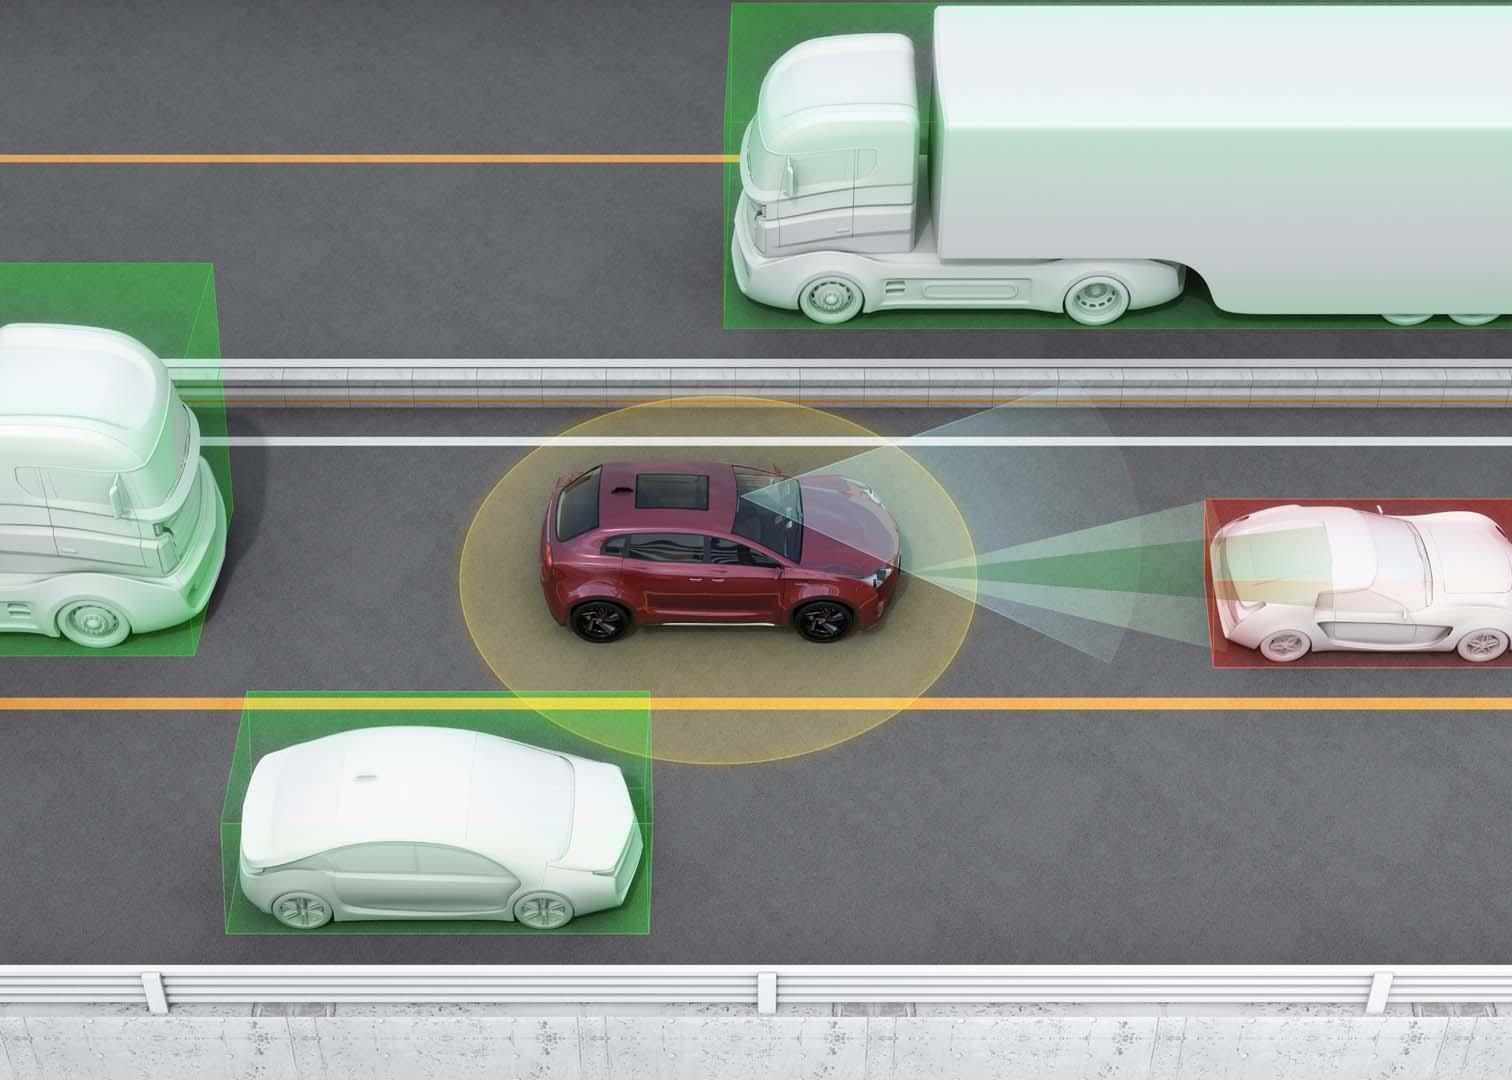 Con il 5G le auto del futuro evitano gli incidenti. Intervista a Enrico Pisino